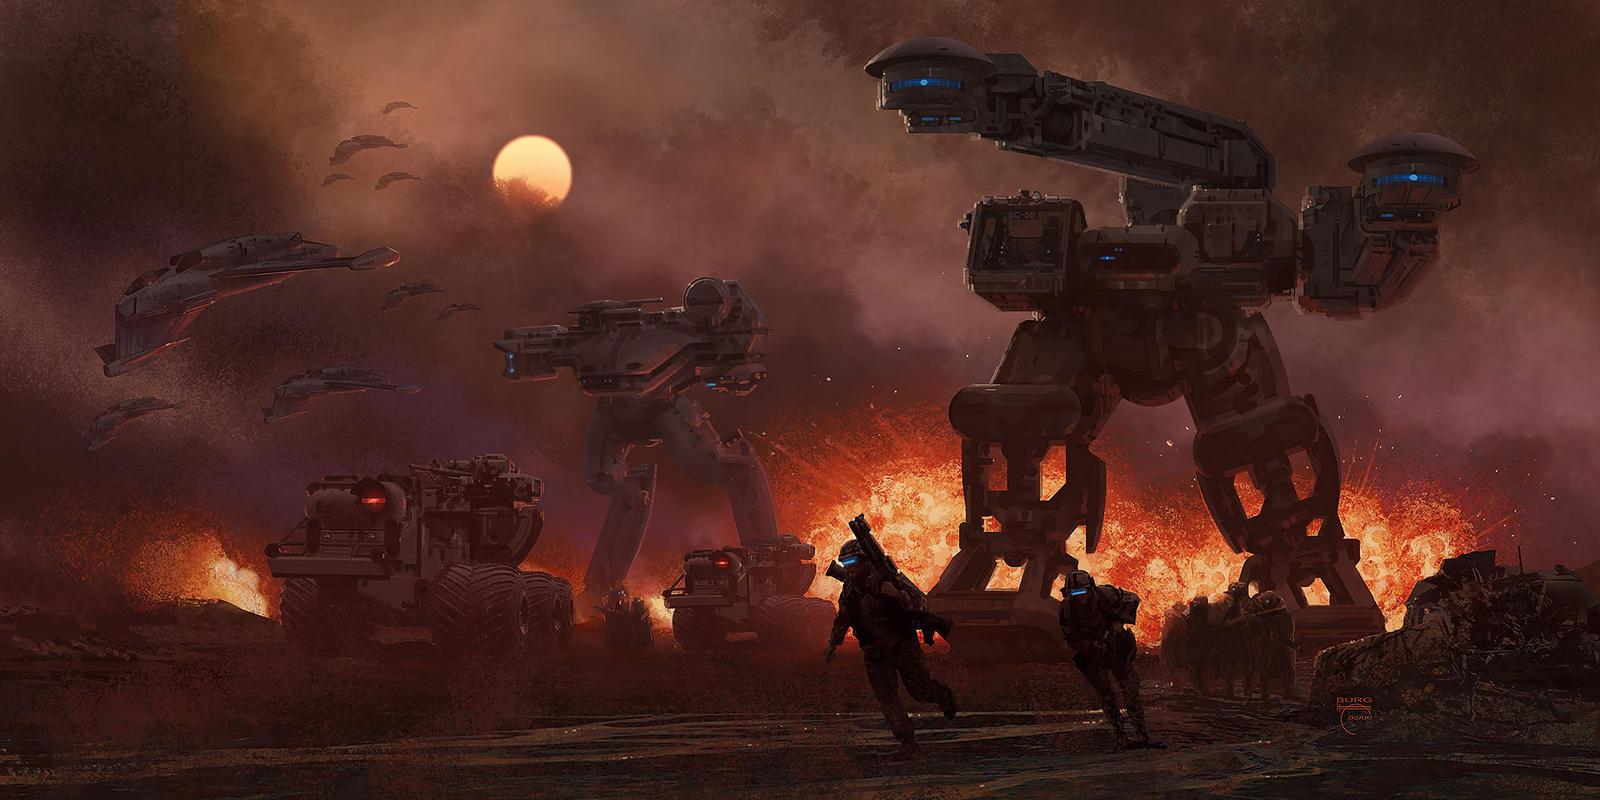 future_war_by_steve_burg-d2y3q9p.jpg